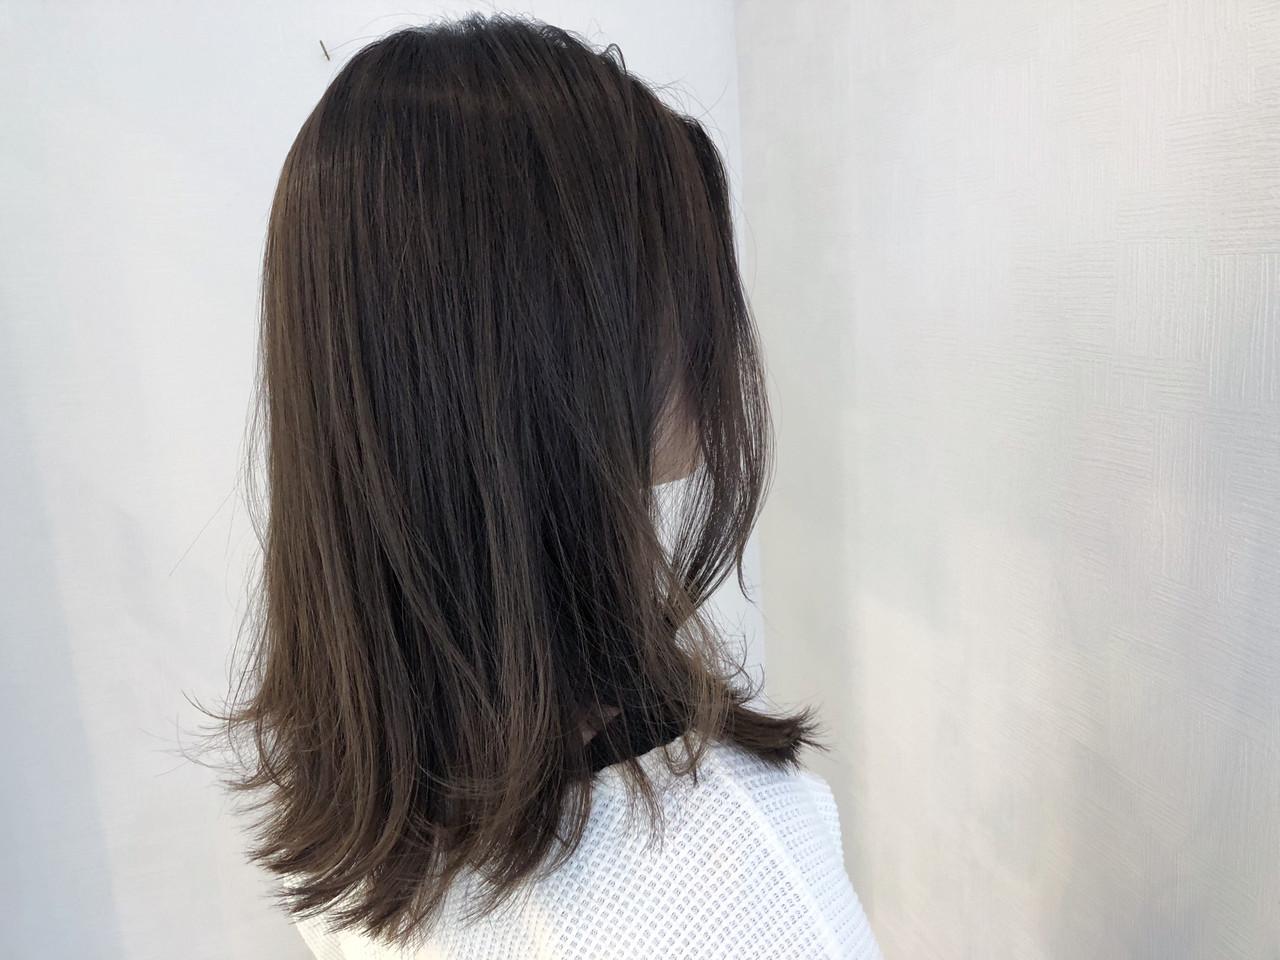 ミディアム 簡単ヘアアレンジ 切りっぱなしボブ アウトドア ヘアスタイルや髪型の写真・画像 | 牧 優子 / agu HAIR cyan